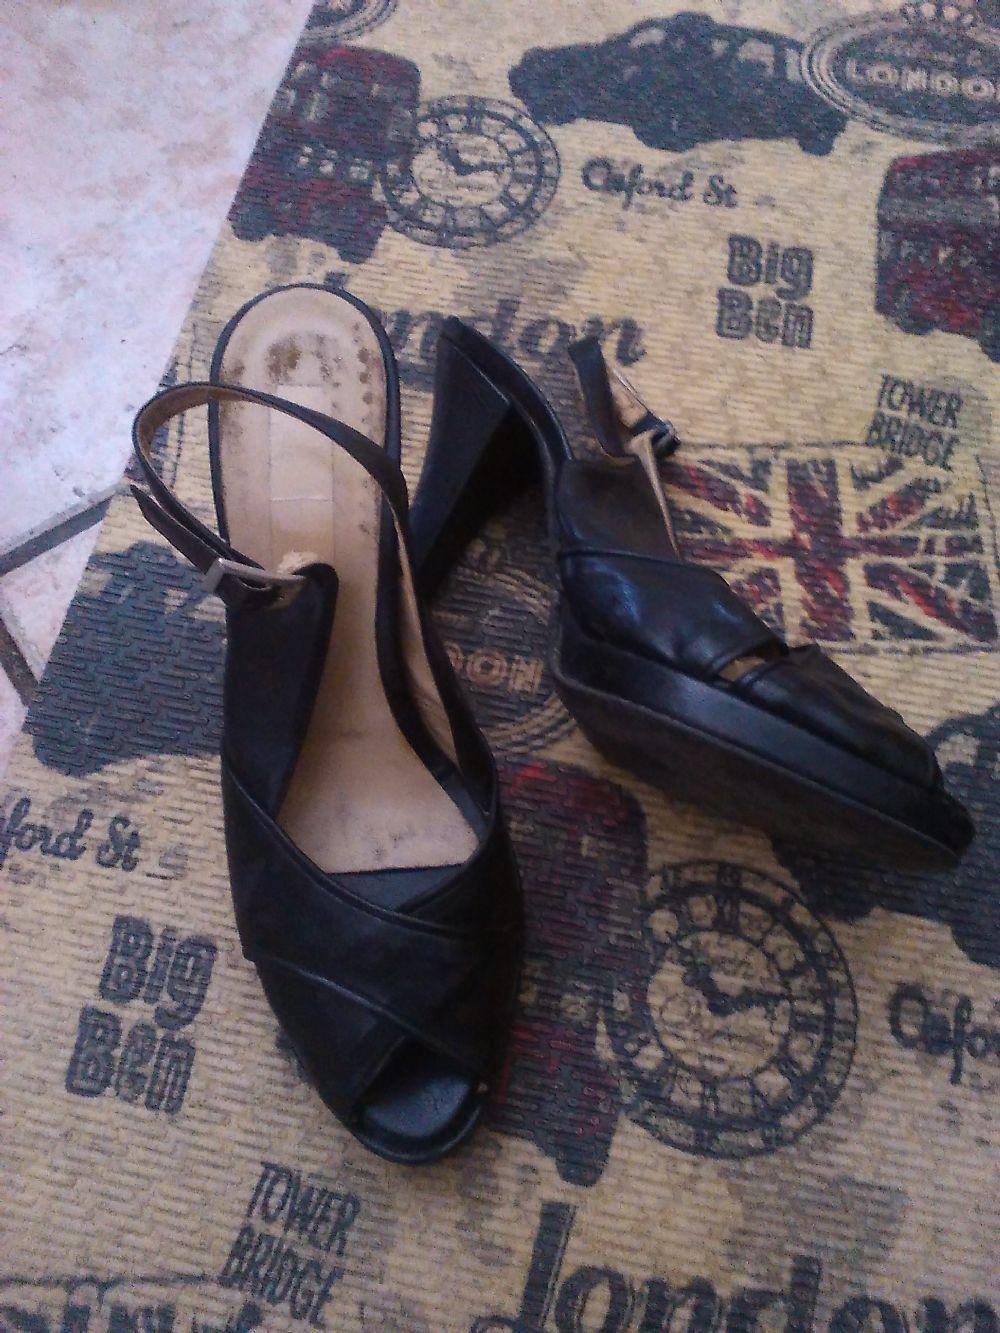 Nere Donna Barattoscambio Scarpe Tacco Abbigliamentoscarpe 9 A q5qXar